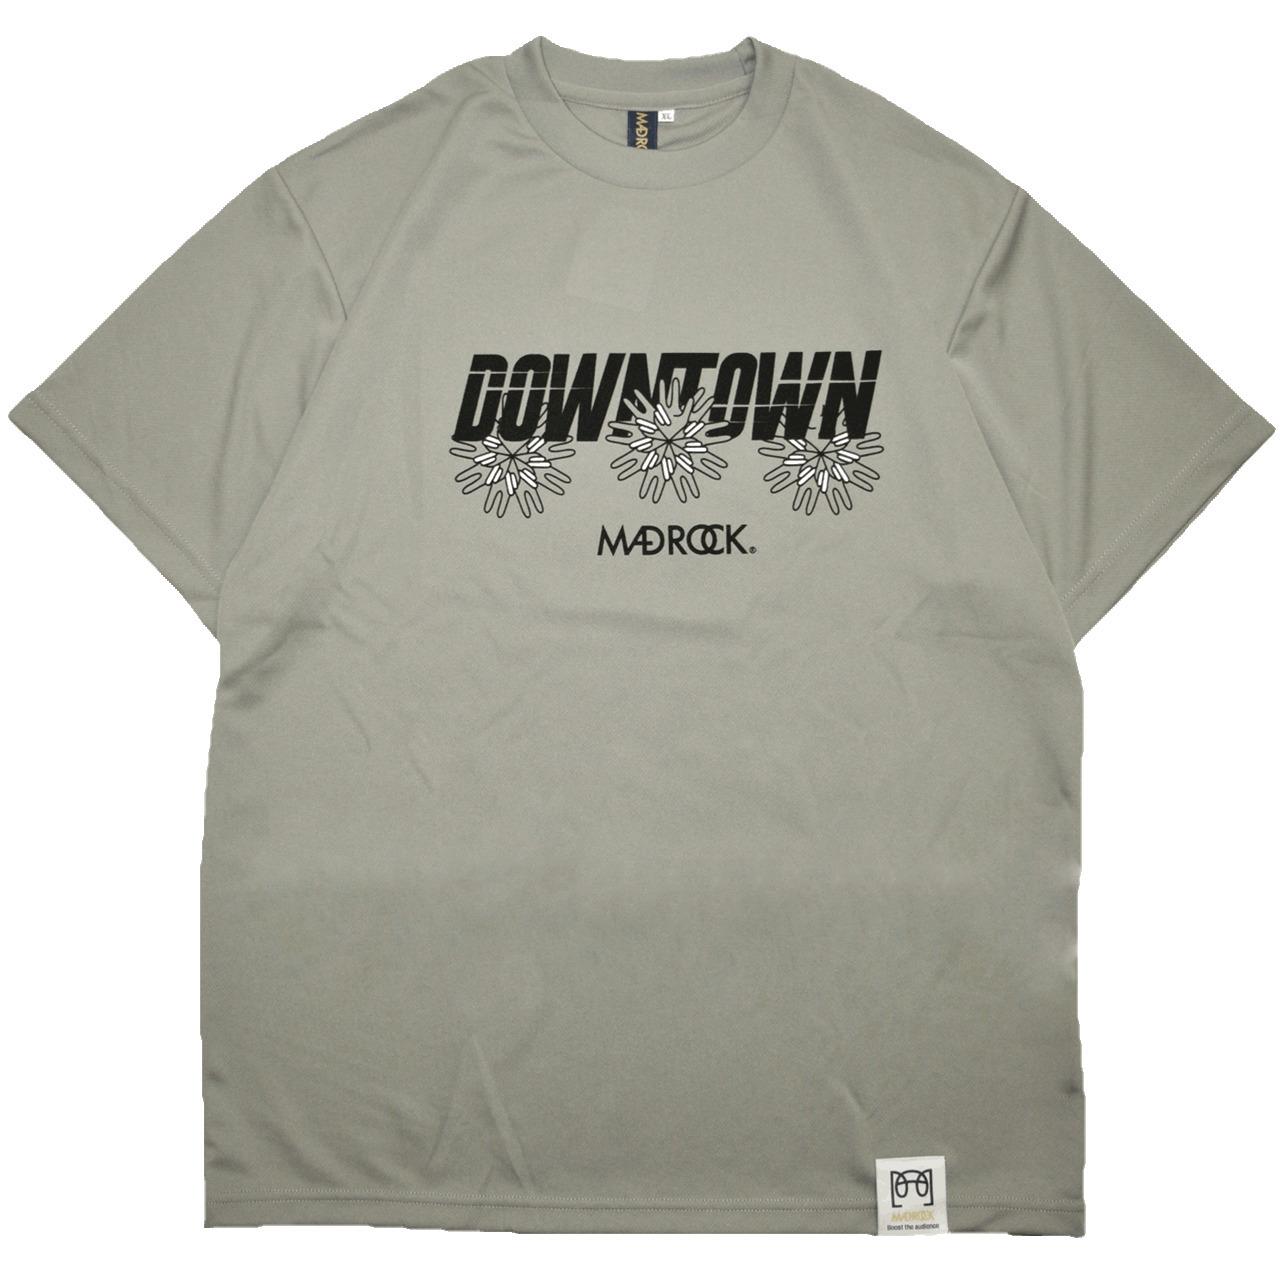 マッドロック - ダウンタウン - Tシャツ / ドライタイプ / グレー / MADROCK - DOWNTOWN - TEE